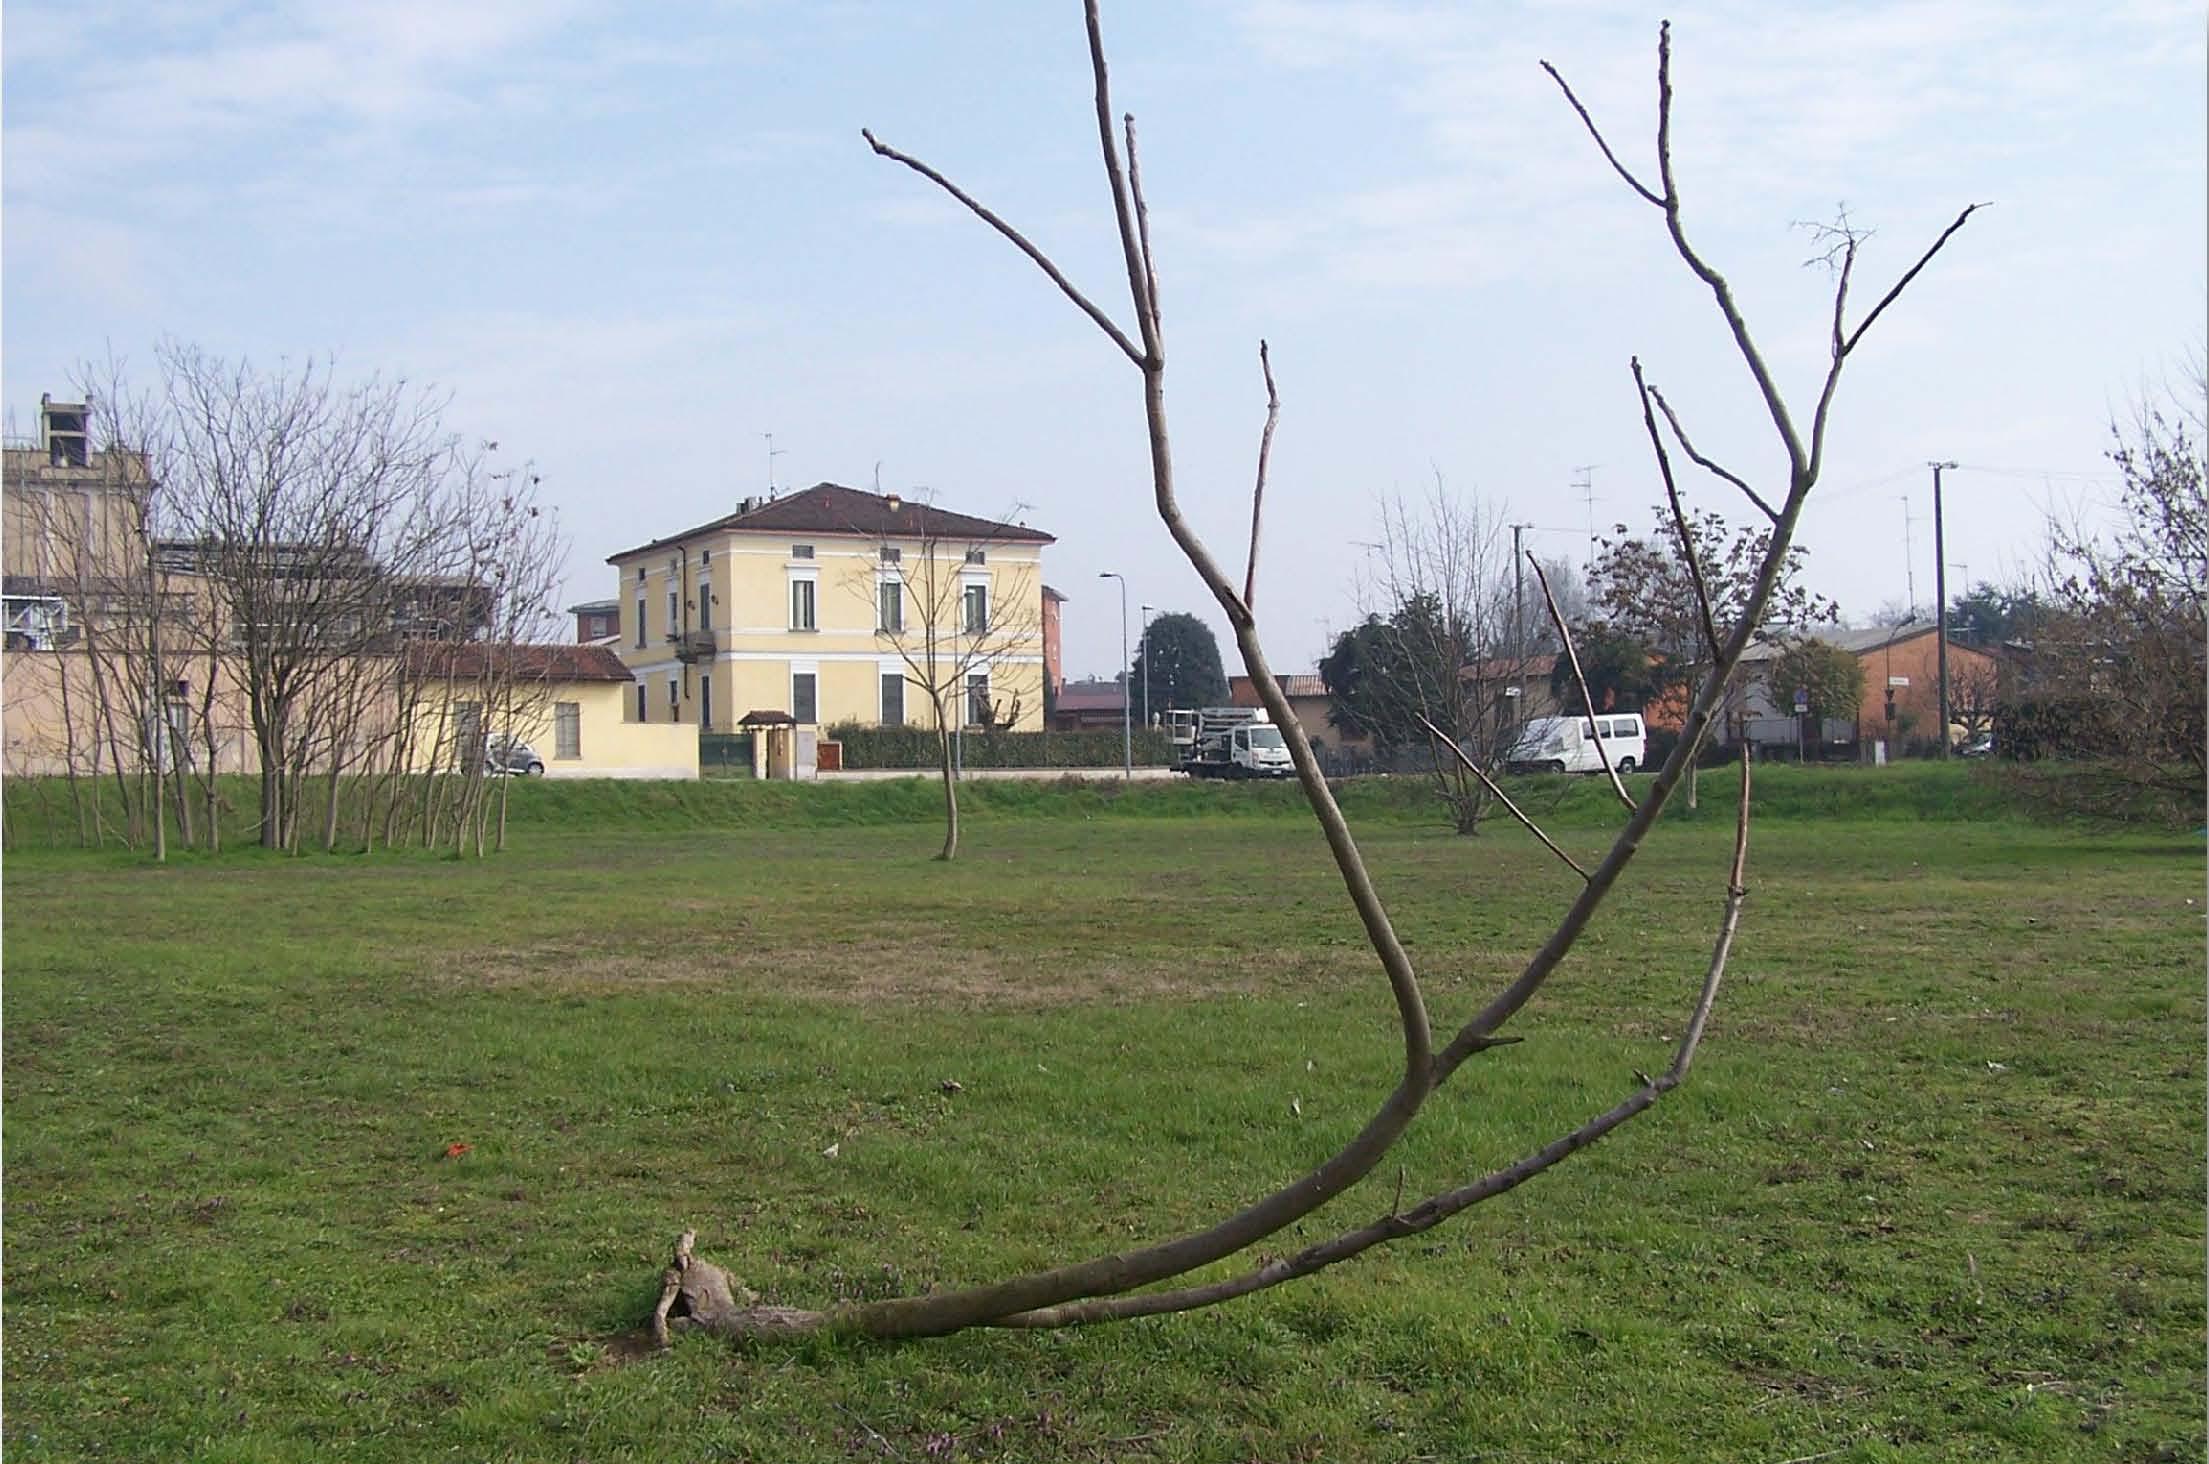 Un albero per ogni bambino: in via Bredina il Bosco dei Nati. Grazie agli studenti dello Ial che hanno elaborato il logo